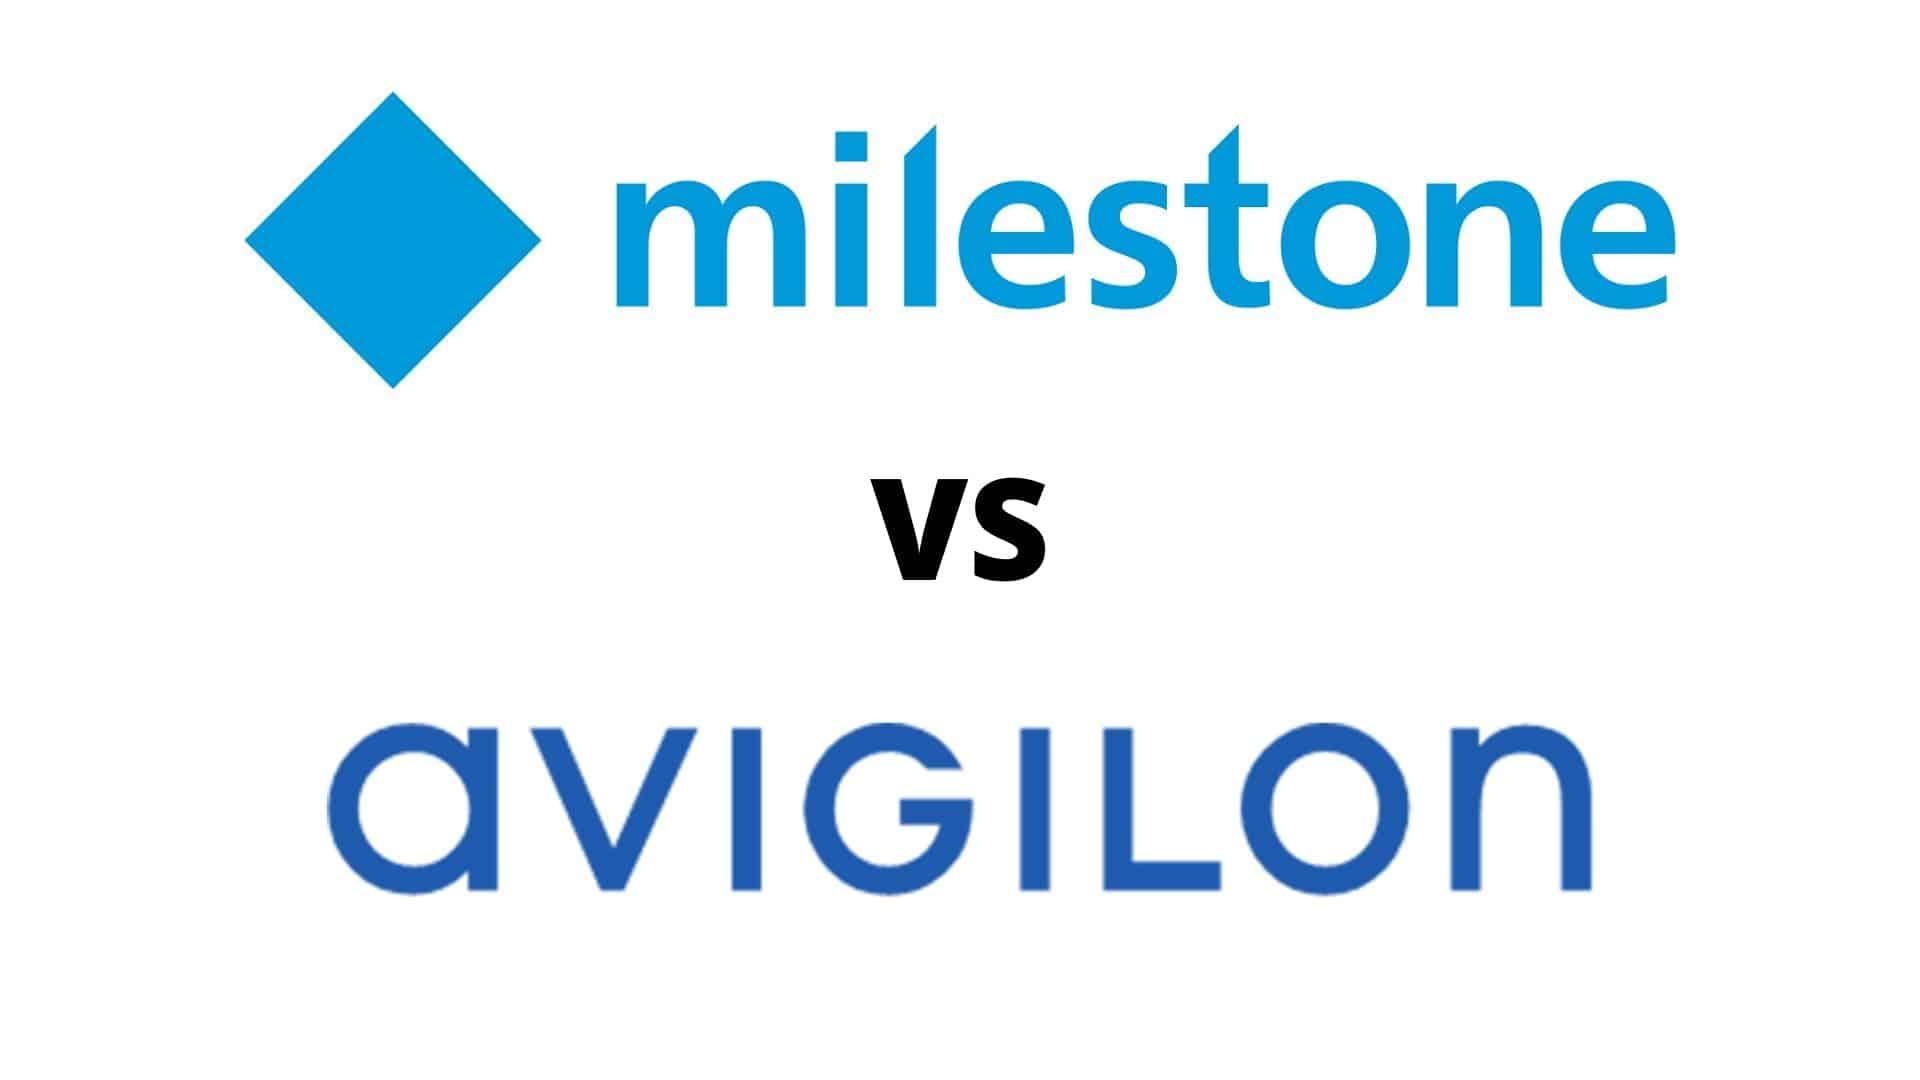 Milestone vs Avigilon